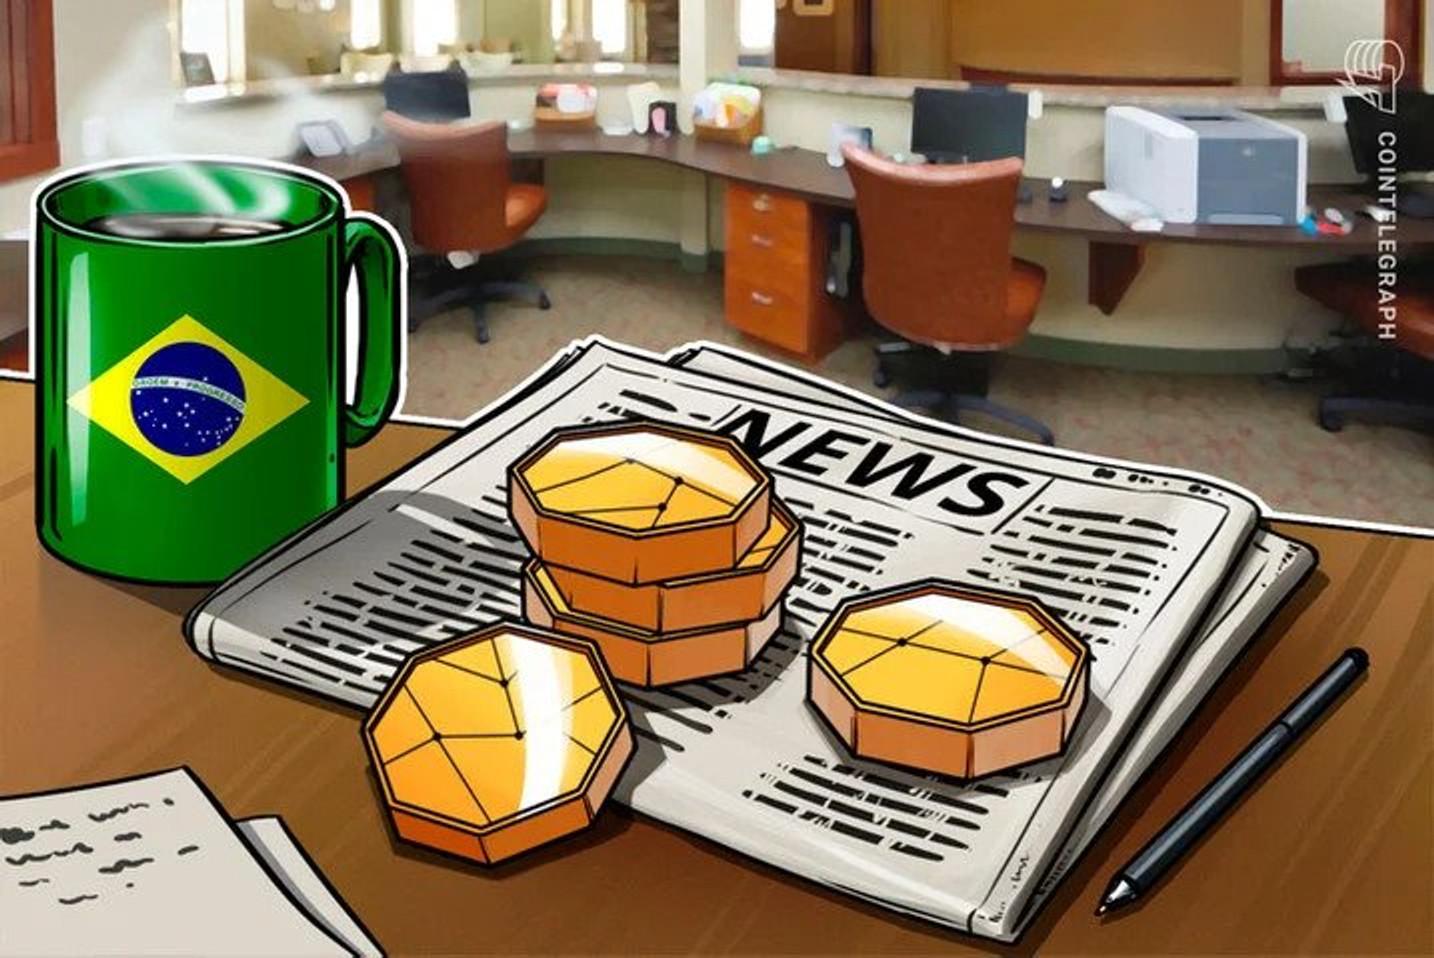 Ilegais: CVM proíbe mais duas empresas de Forex no Brasil, Pepperstone e Paladin FX